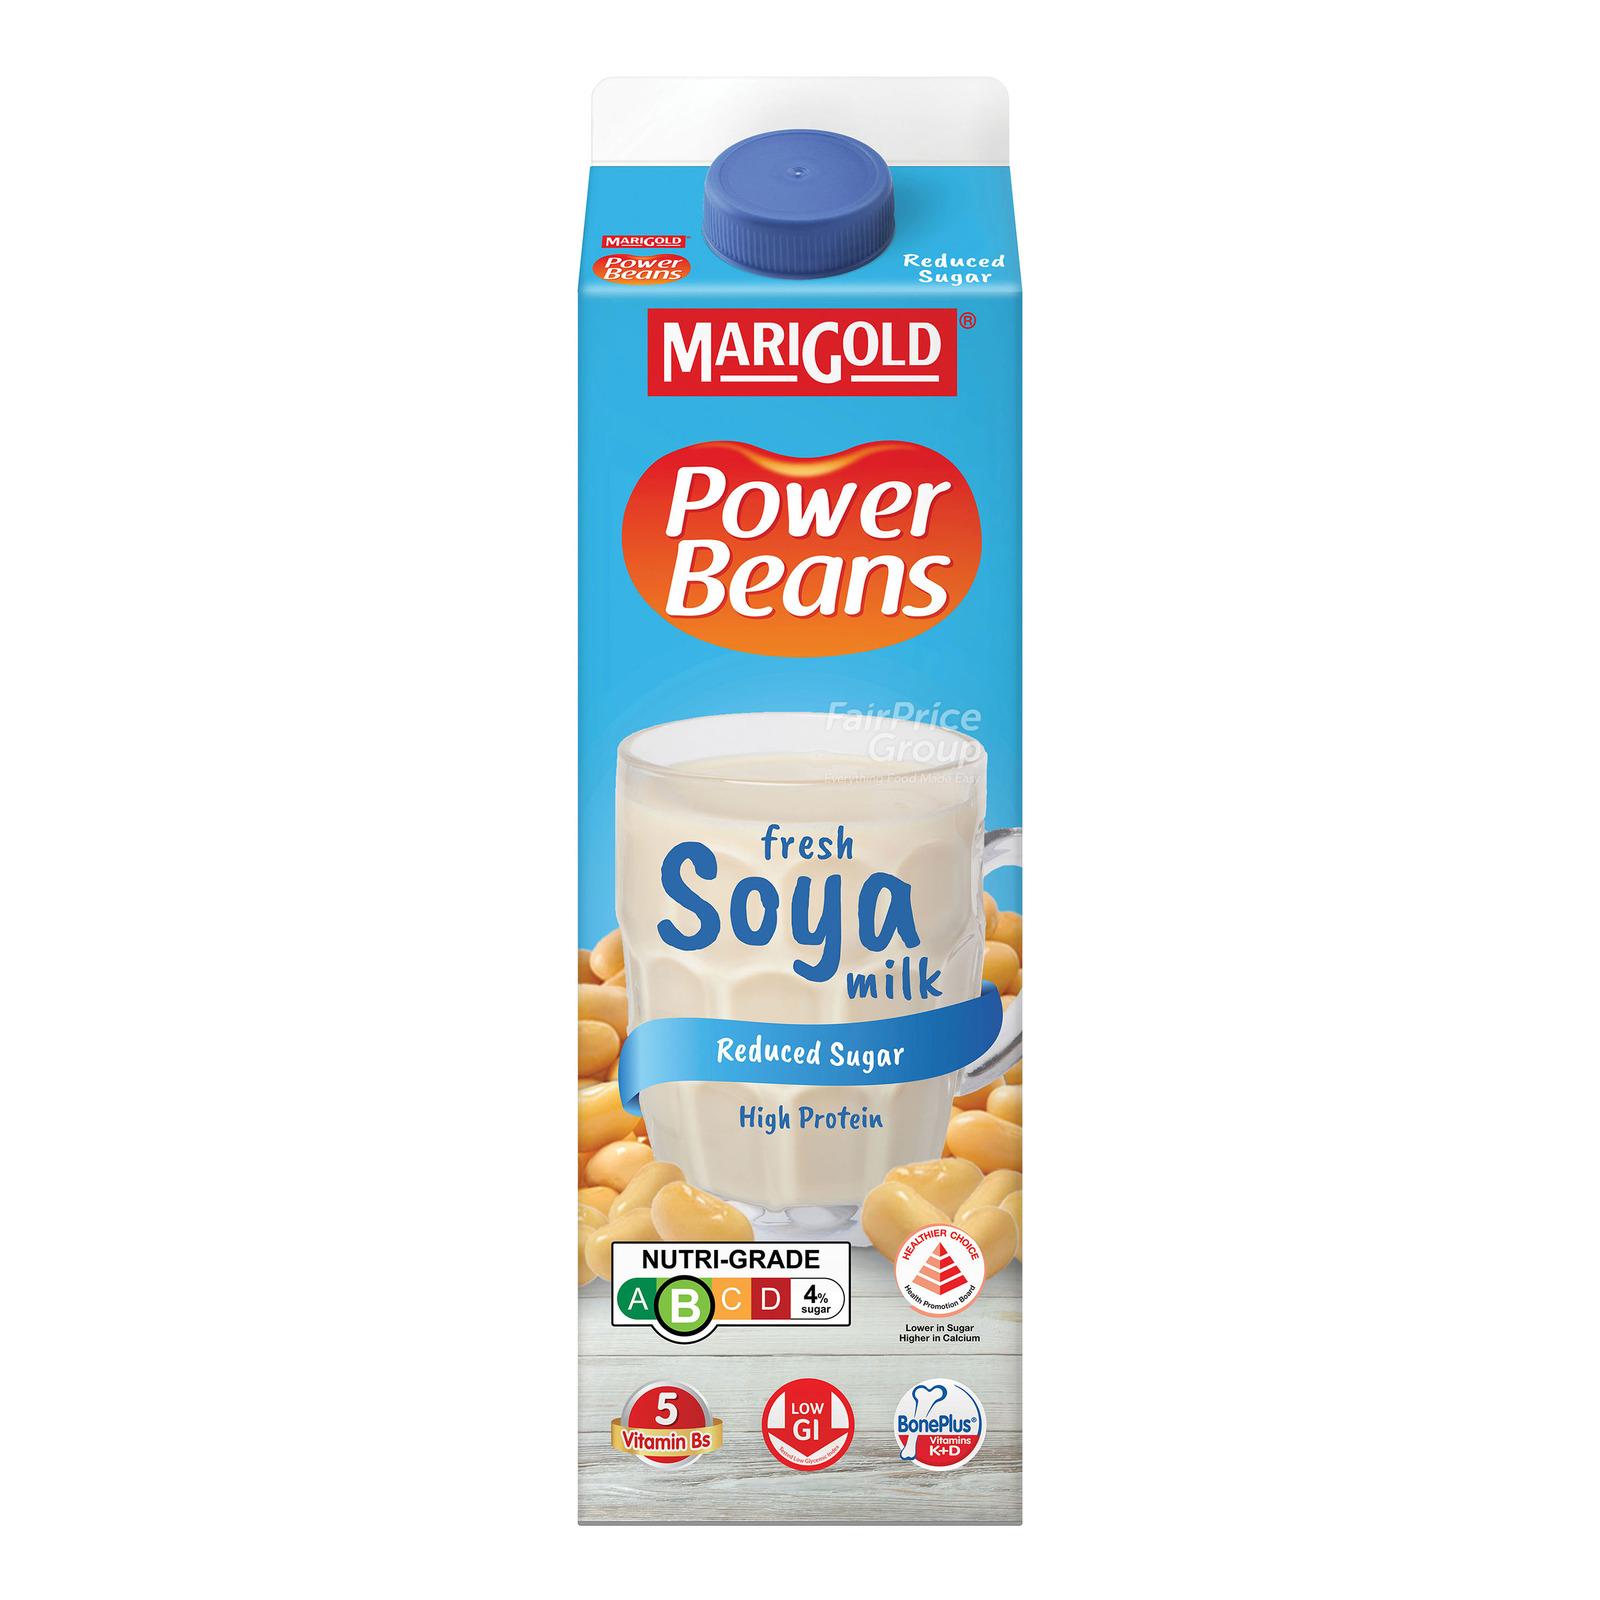 MARIGOLD PowerBeans Fresh Soya Milk - Reduced Sugar 1L